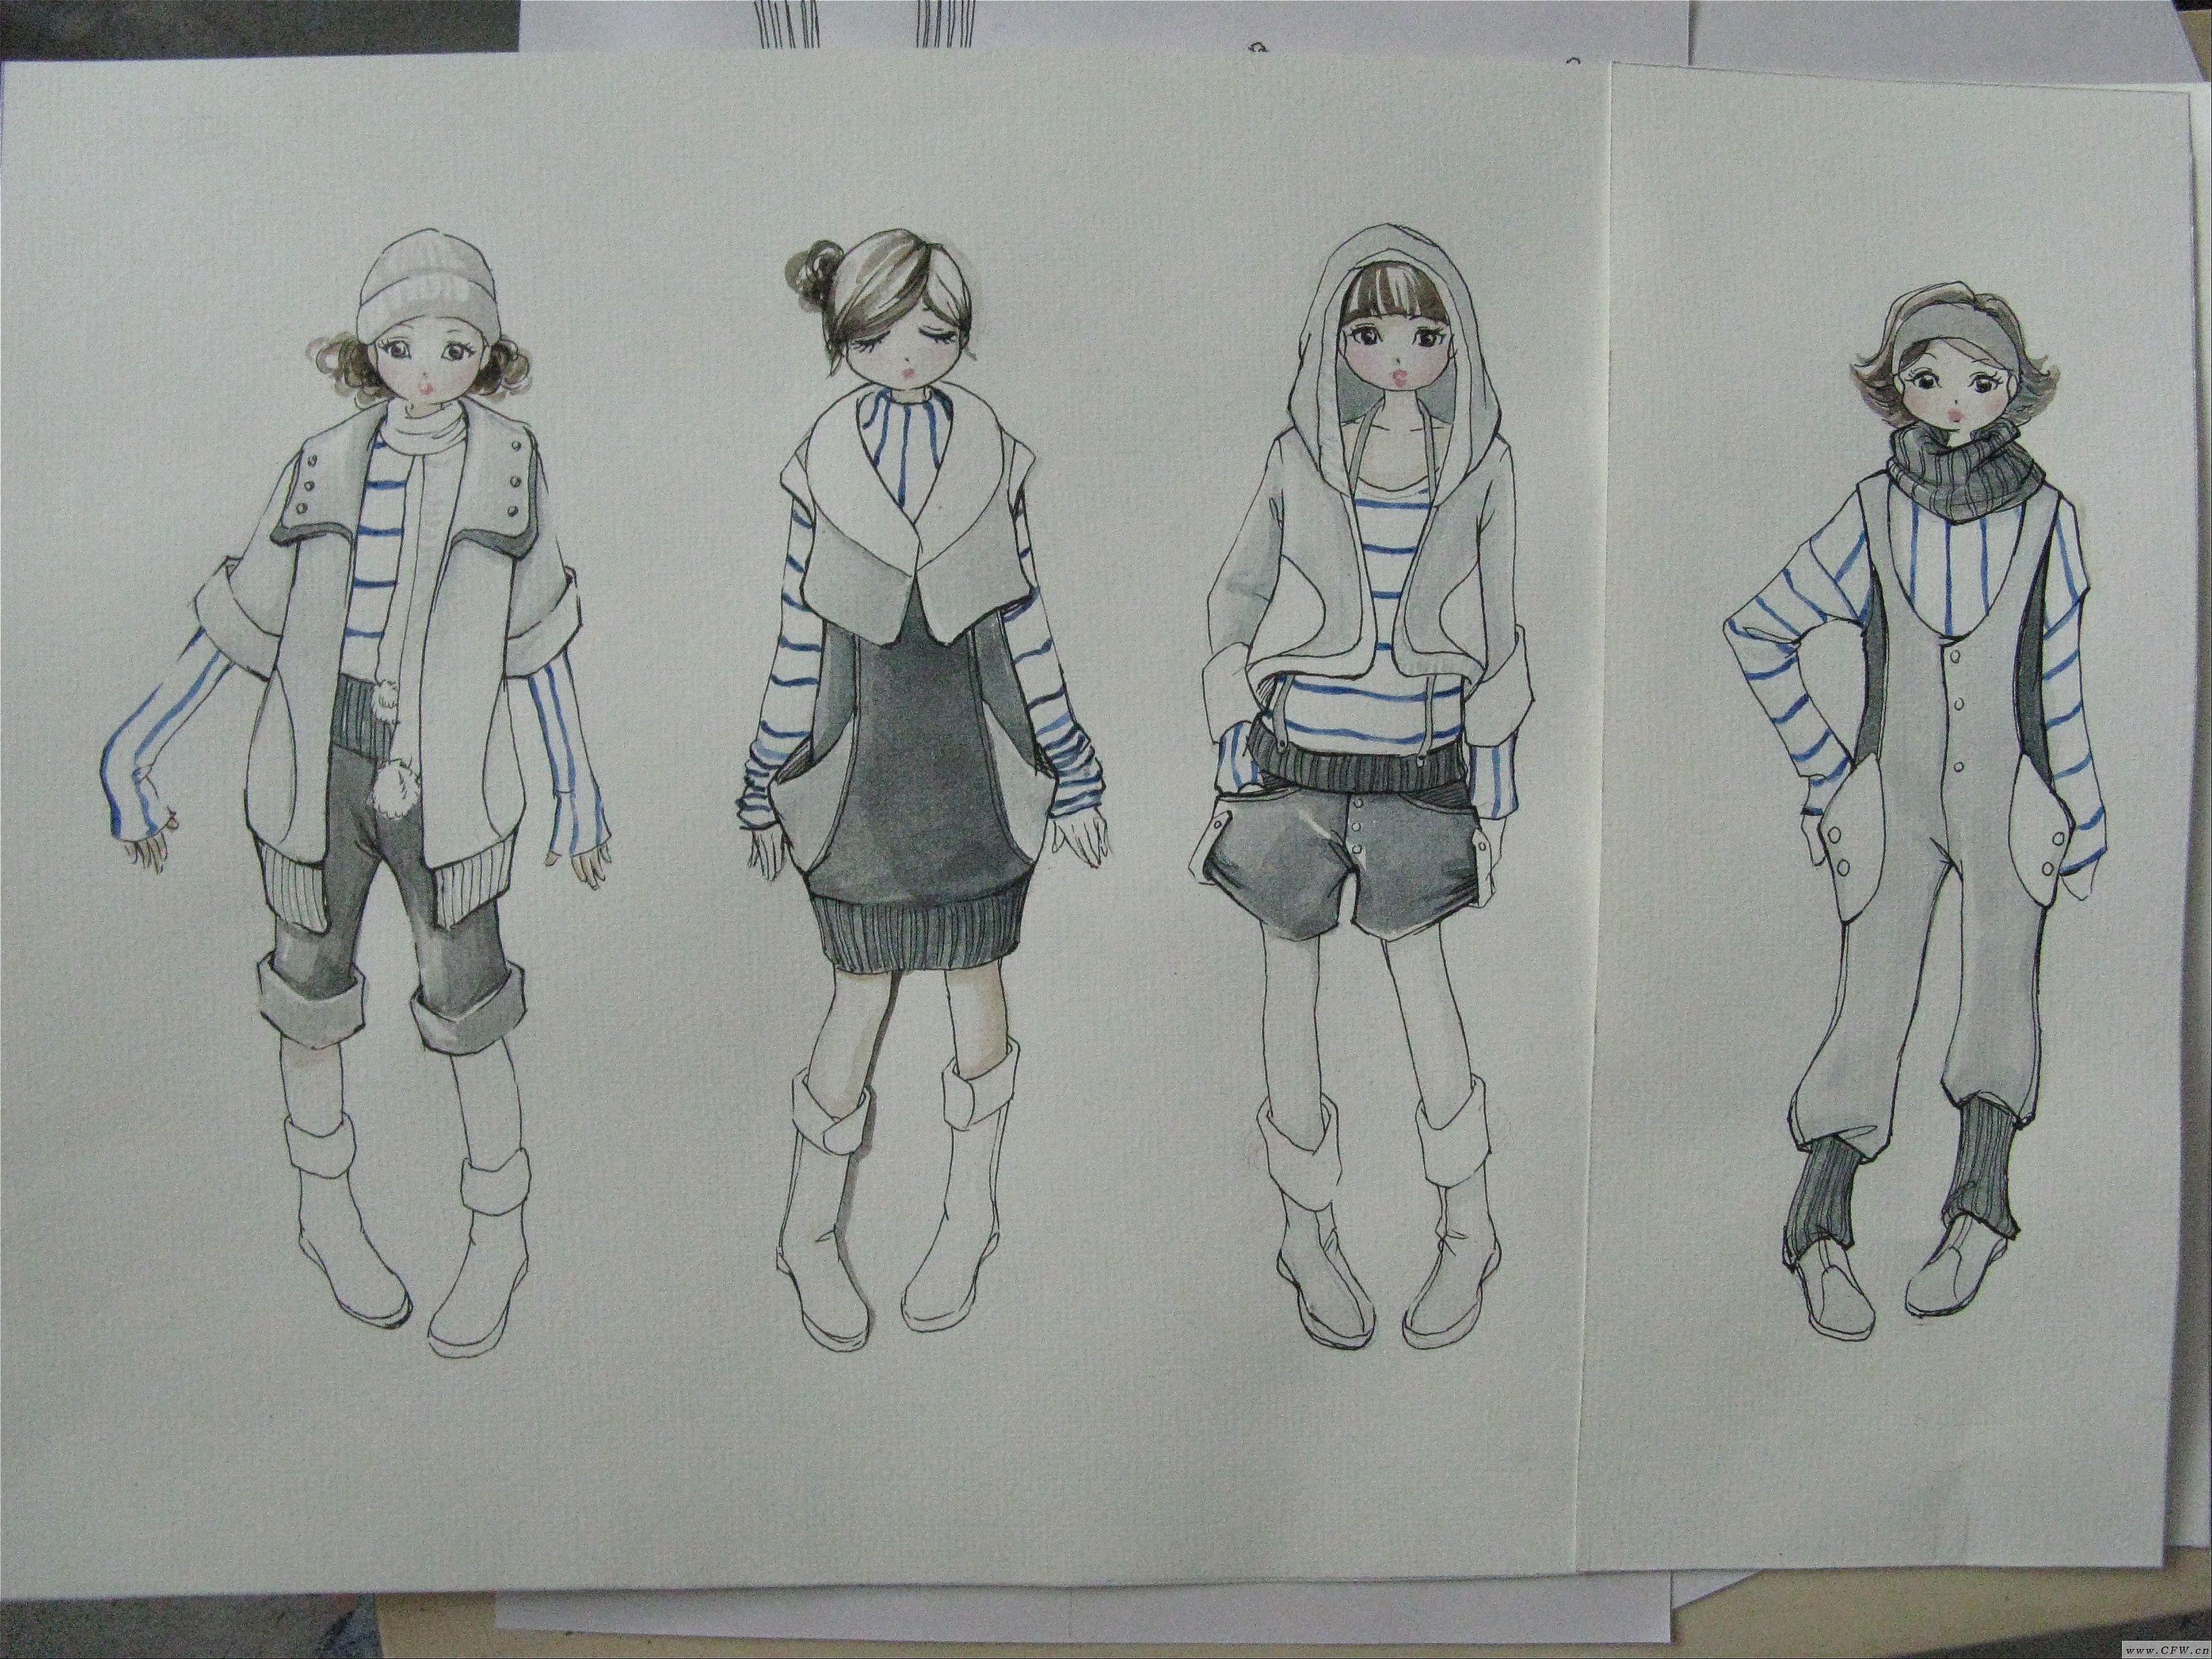 中华杯童装银奖效果图-大赛作品设计-服装设计